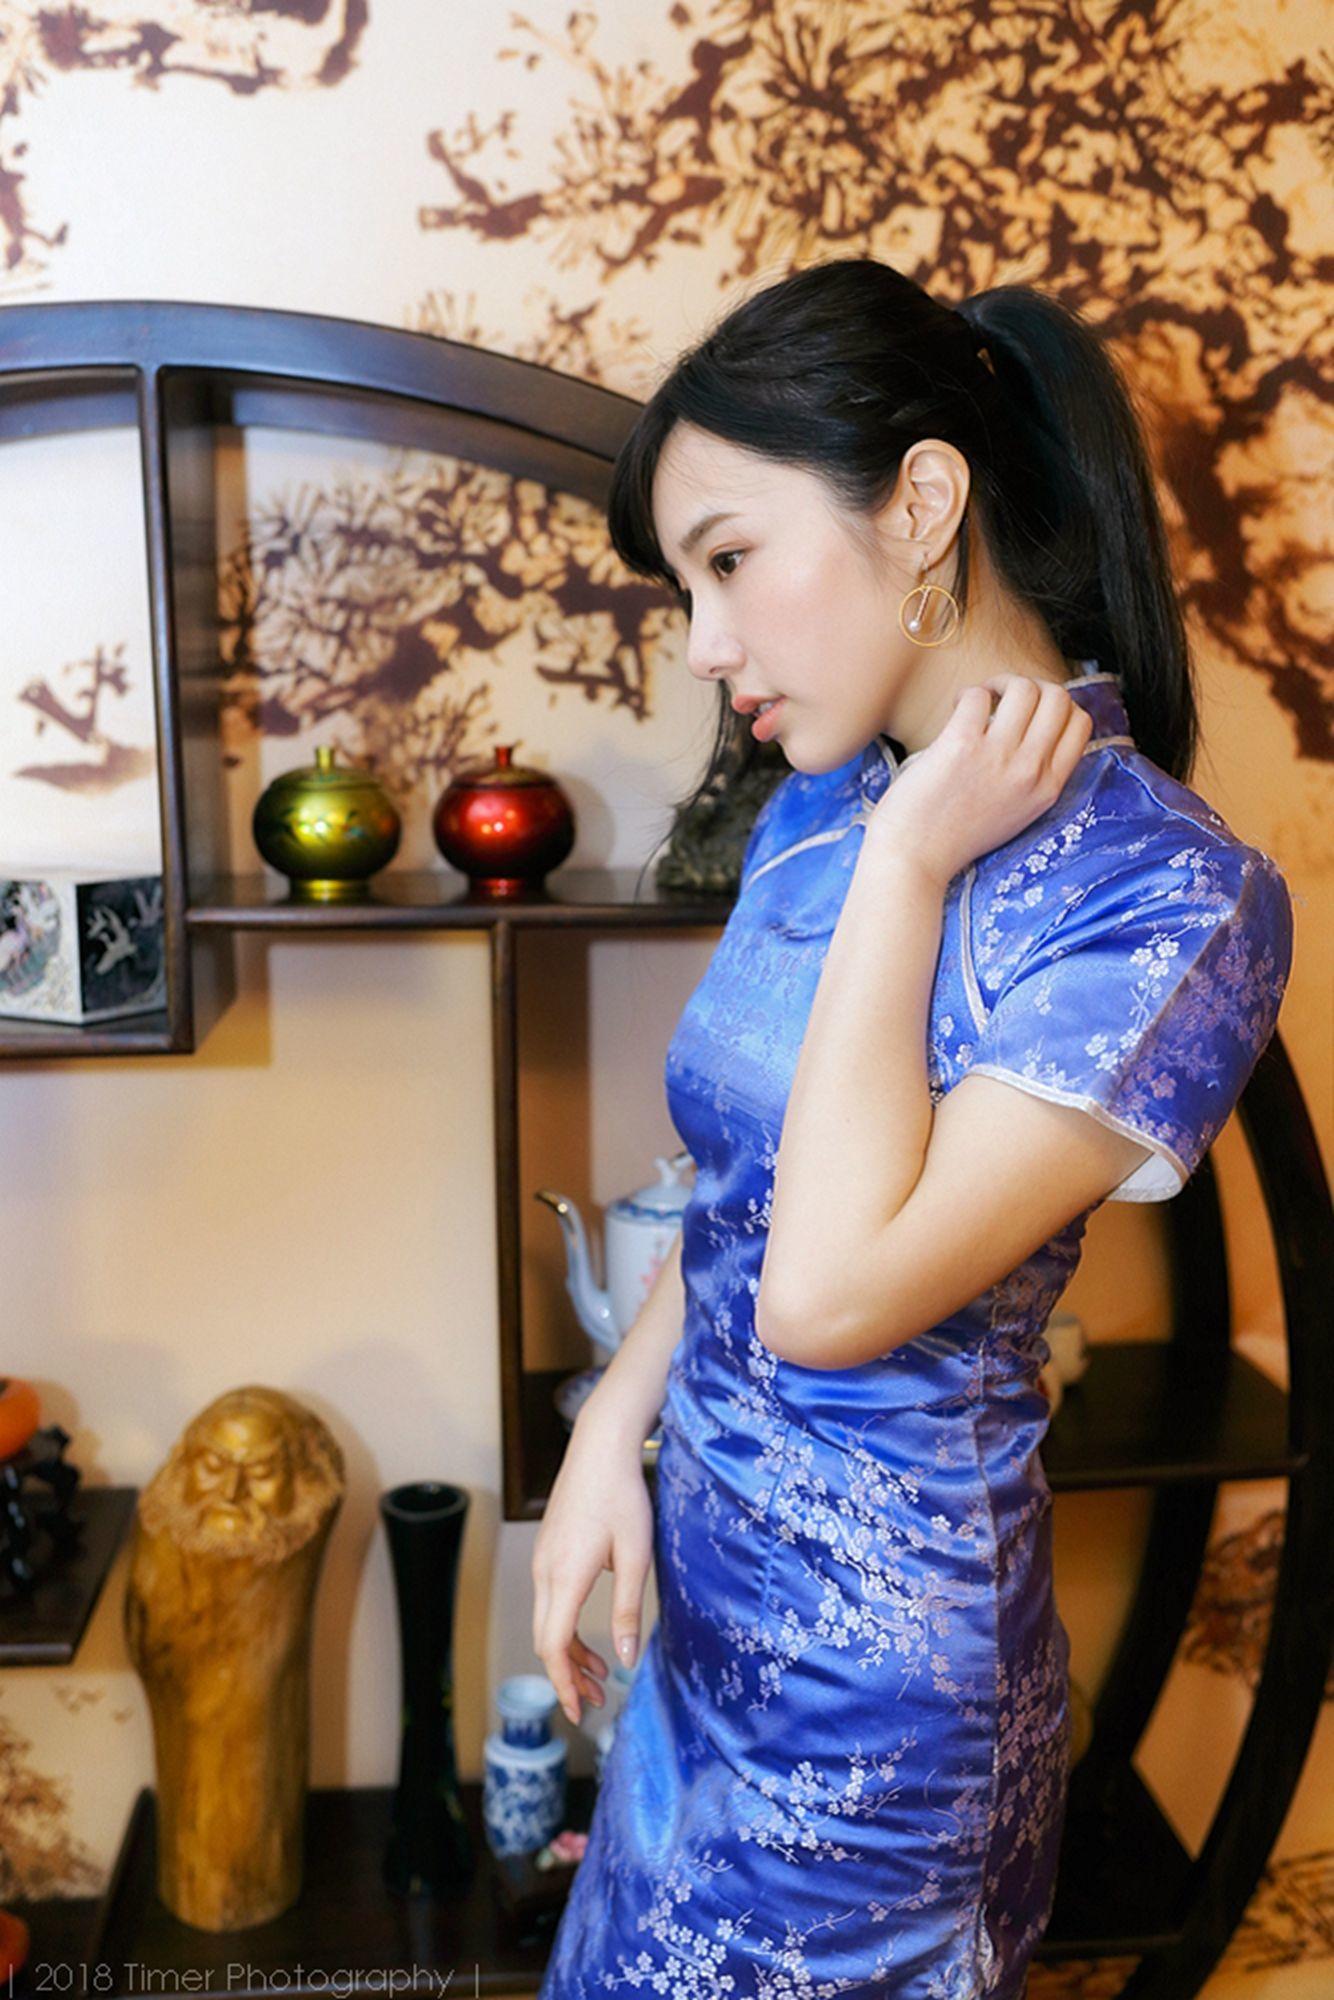 模特Zora - 贺喜新春时尚旗袍